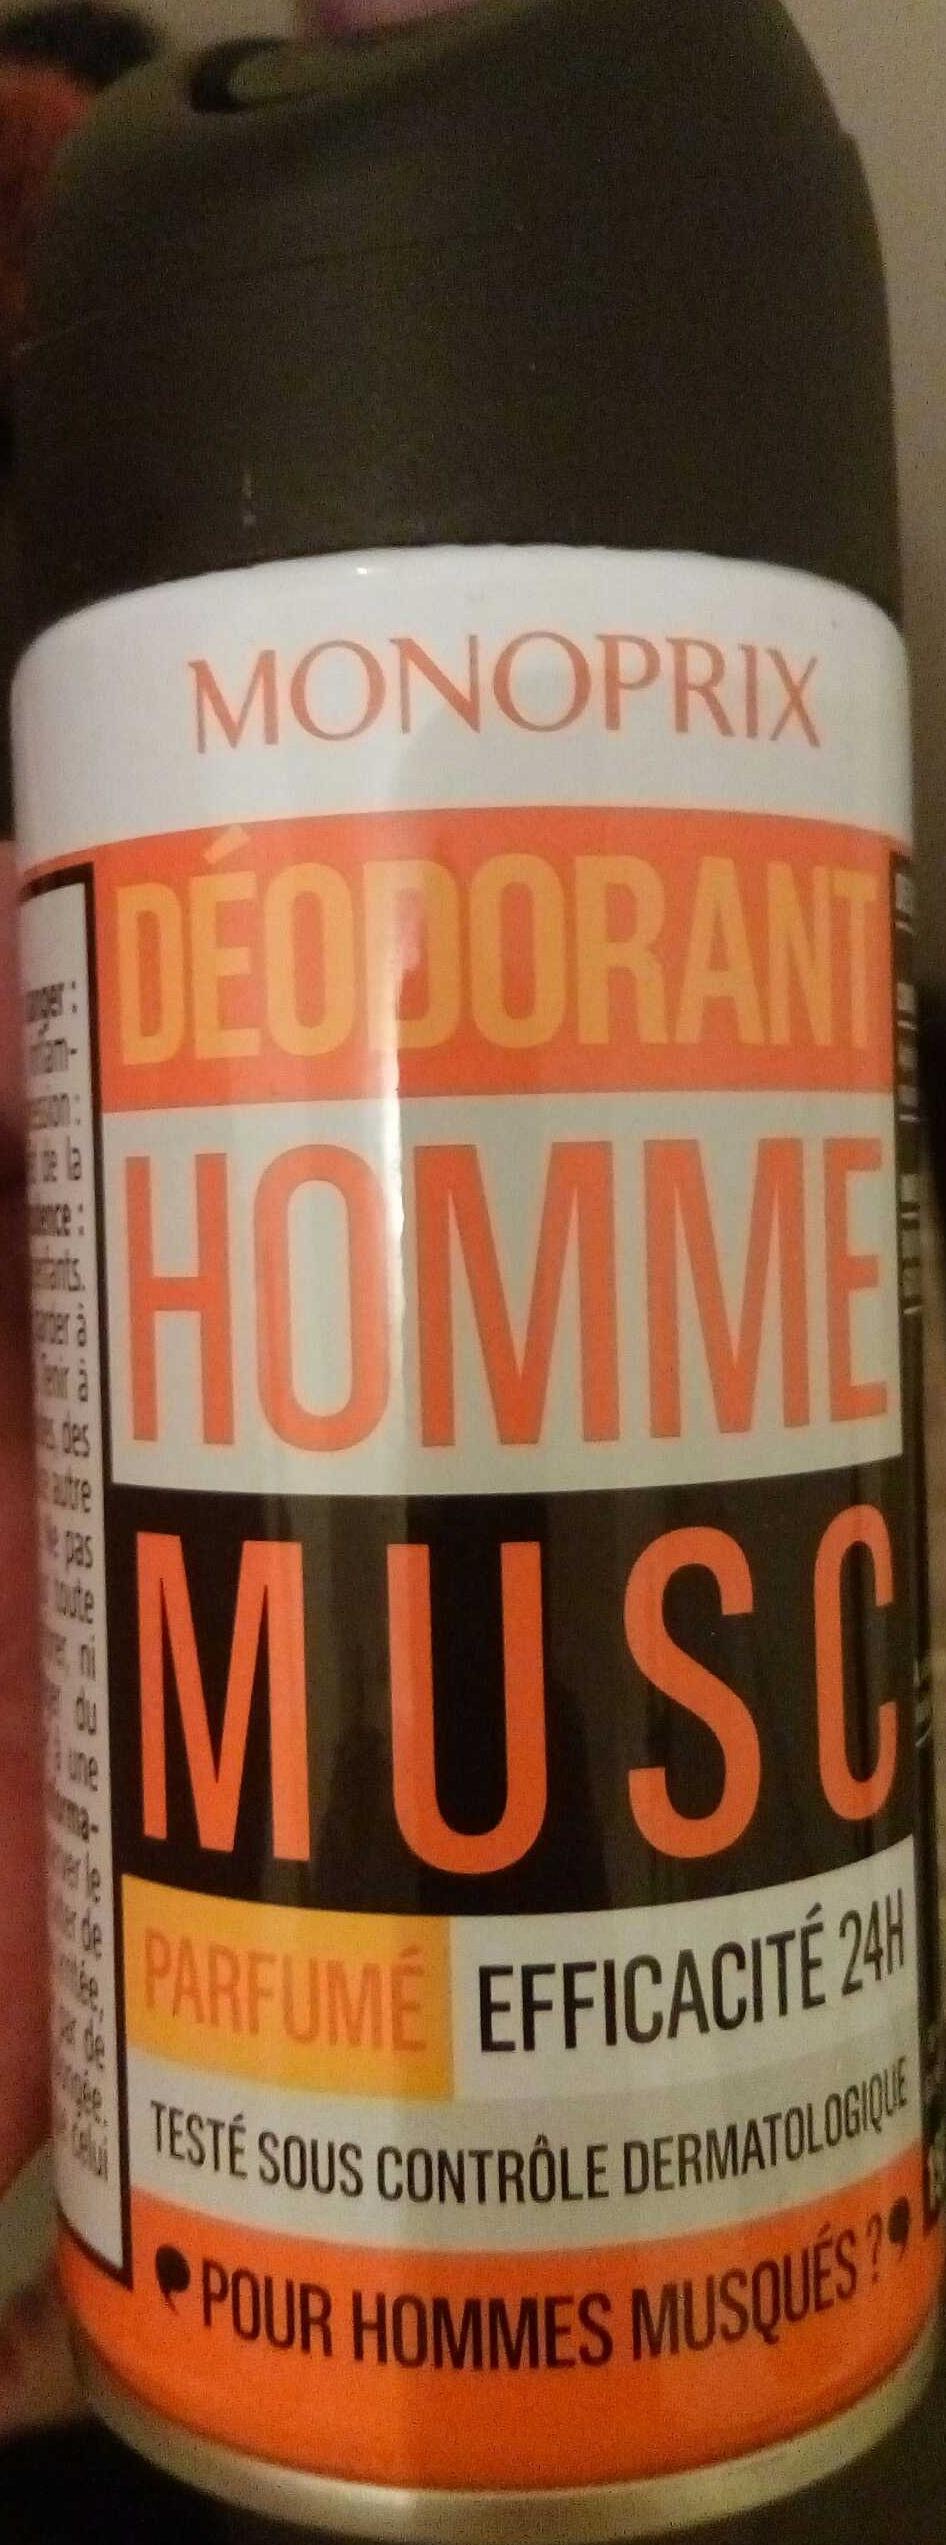 Déodorant Homme Musc Parfumé 24H - Produit